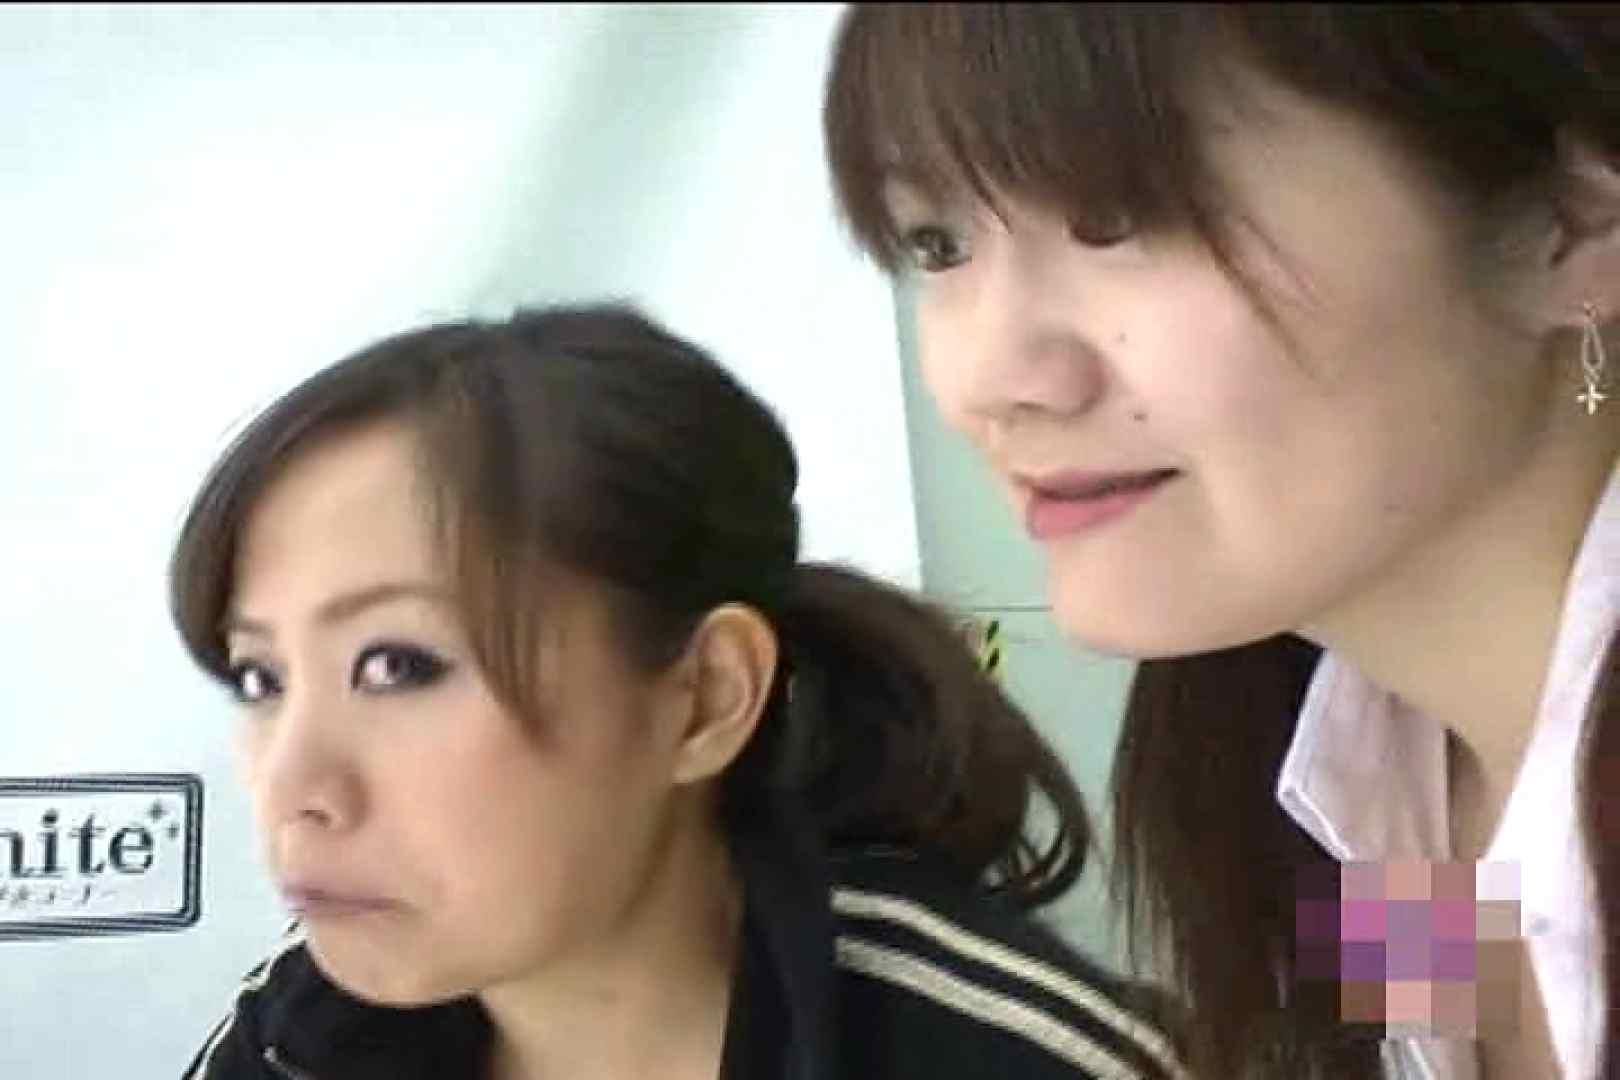 大胆露出胸チラギャル大量発生中!!Vol.6 チラ  86PIX 65